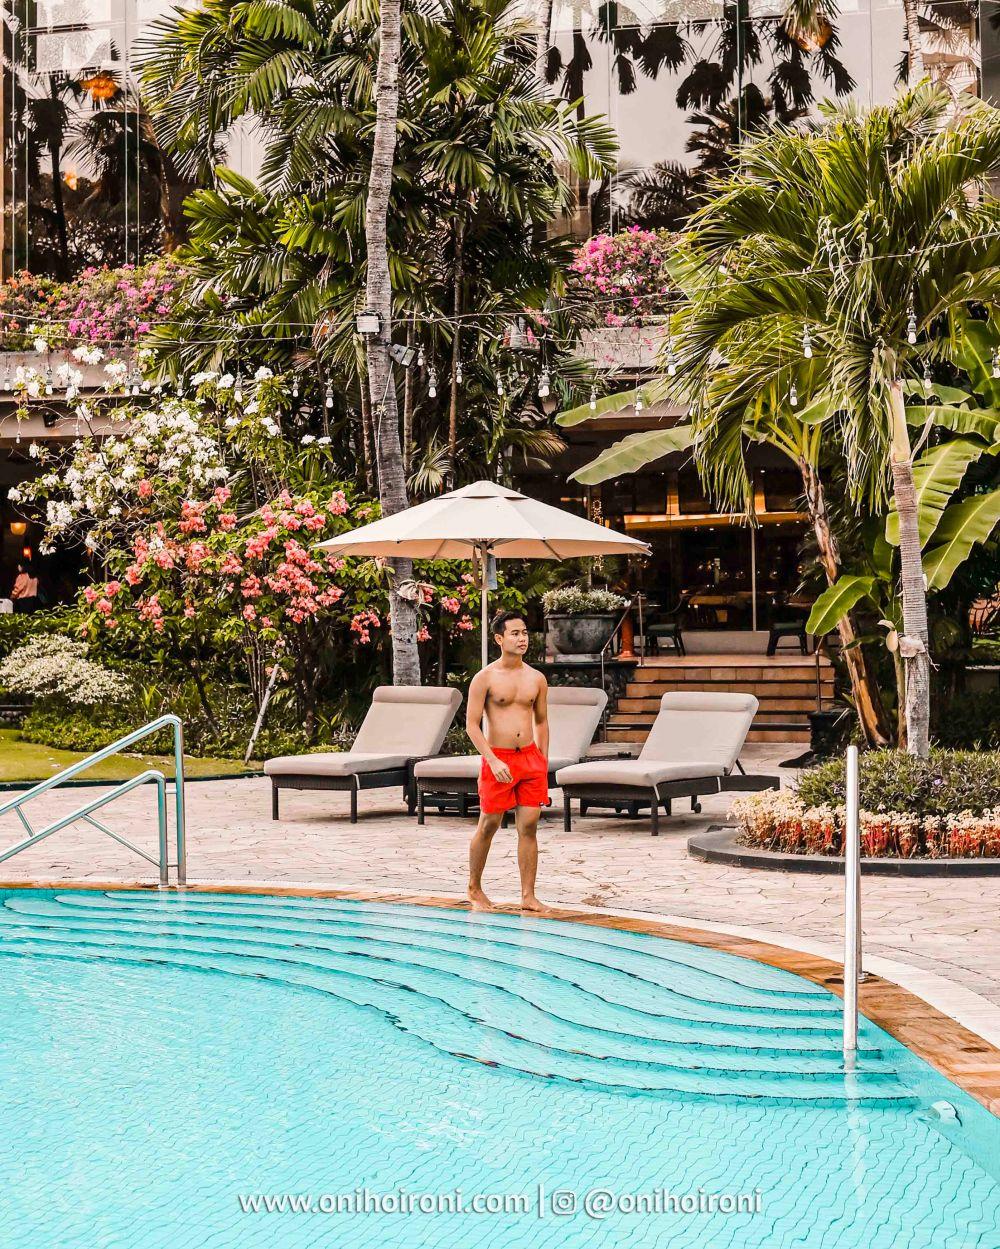 3 Review Swimming Pool kolam renang Shangrila Surabaya Hotel Oni hoironi